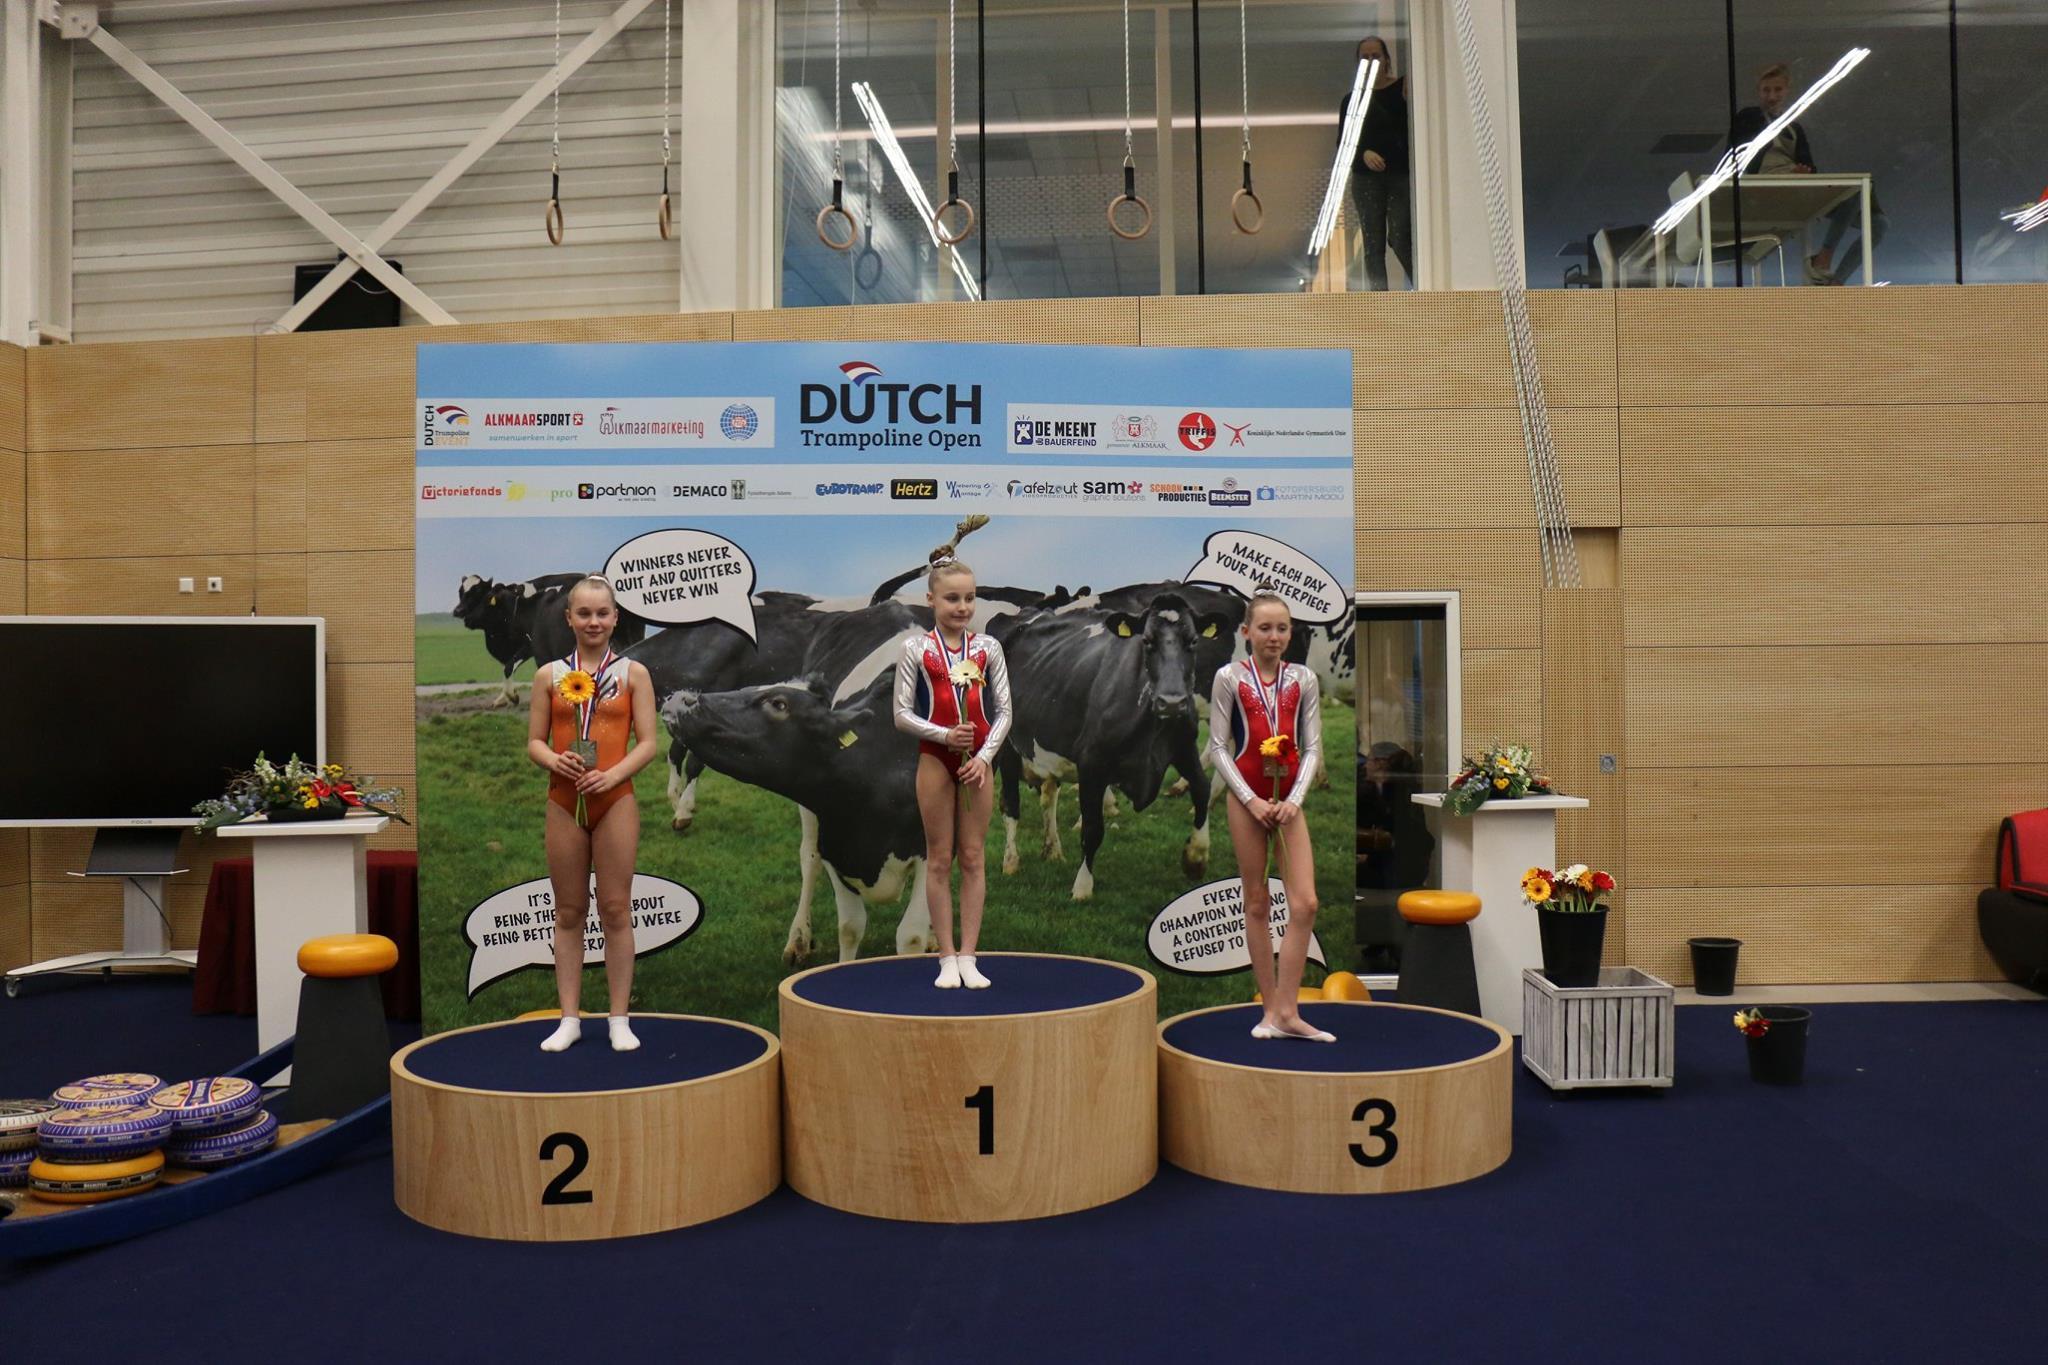 Goud Dutch Trampoline Open te Alkmaar